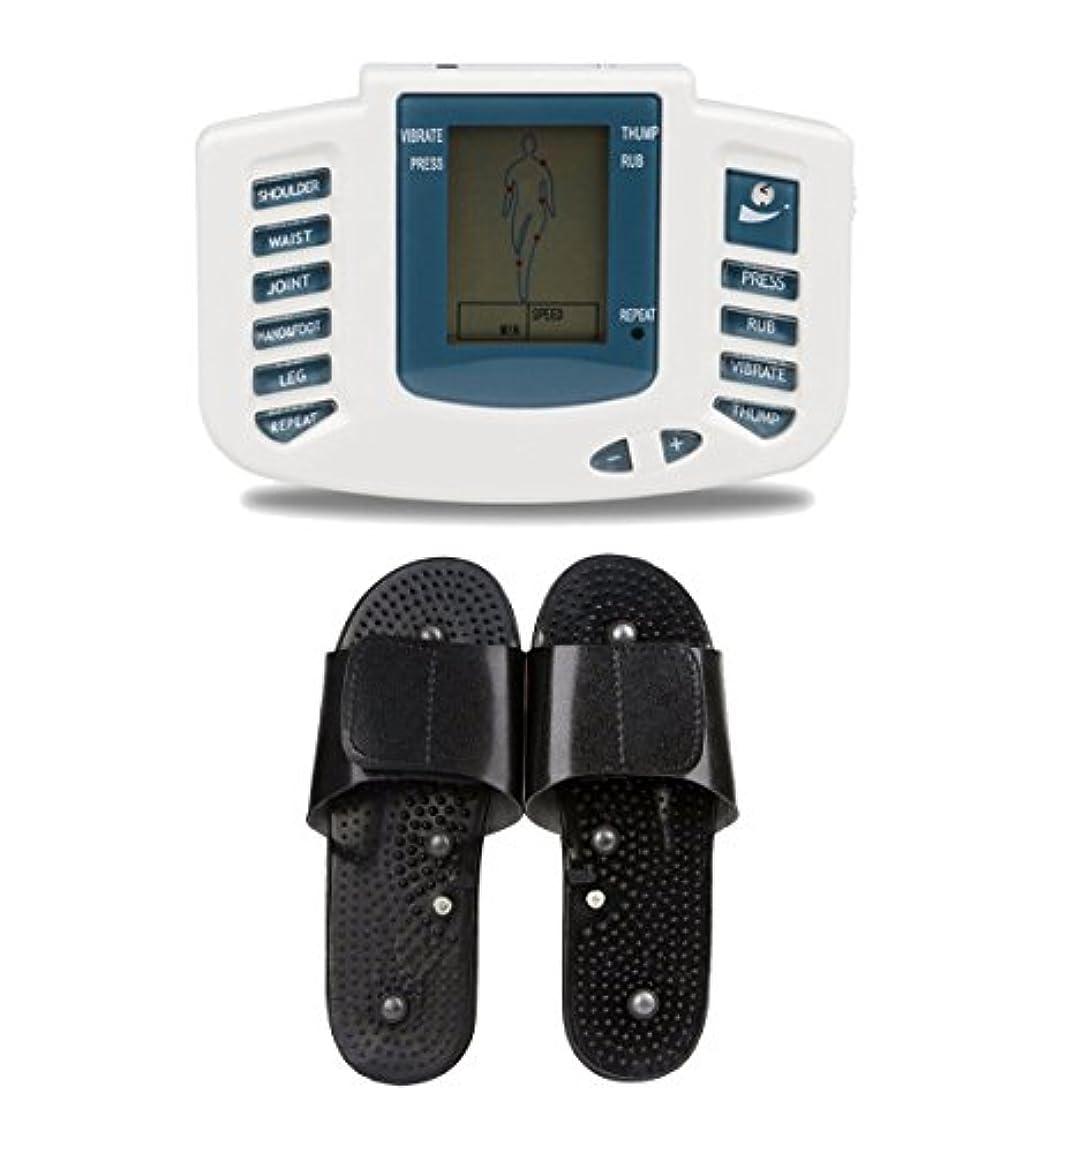 思慮深い遷移キャプテンUniSign tens machine 電子パルス 電気低周波治療器 電気tens 低周波治療器 リラックス 痛み緩和 スリッパ付き 16つパッド 10レベル